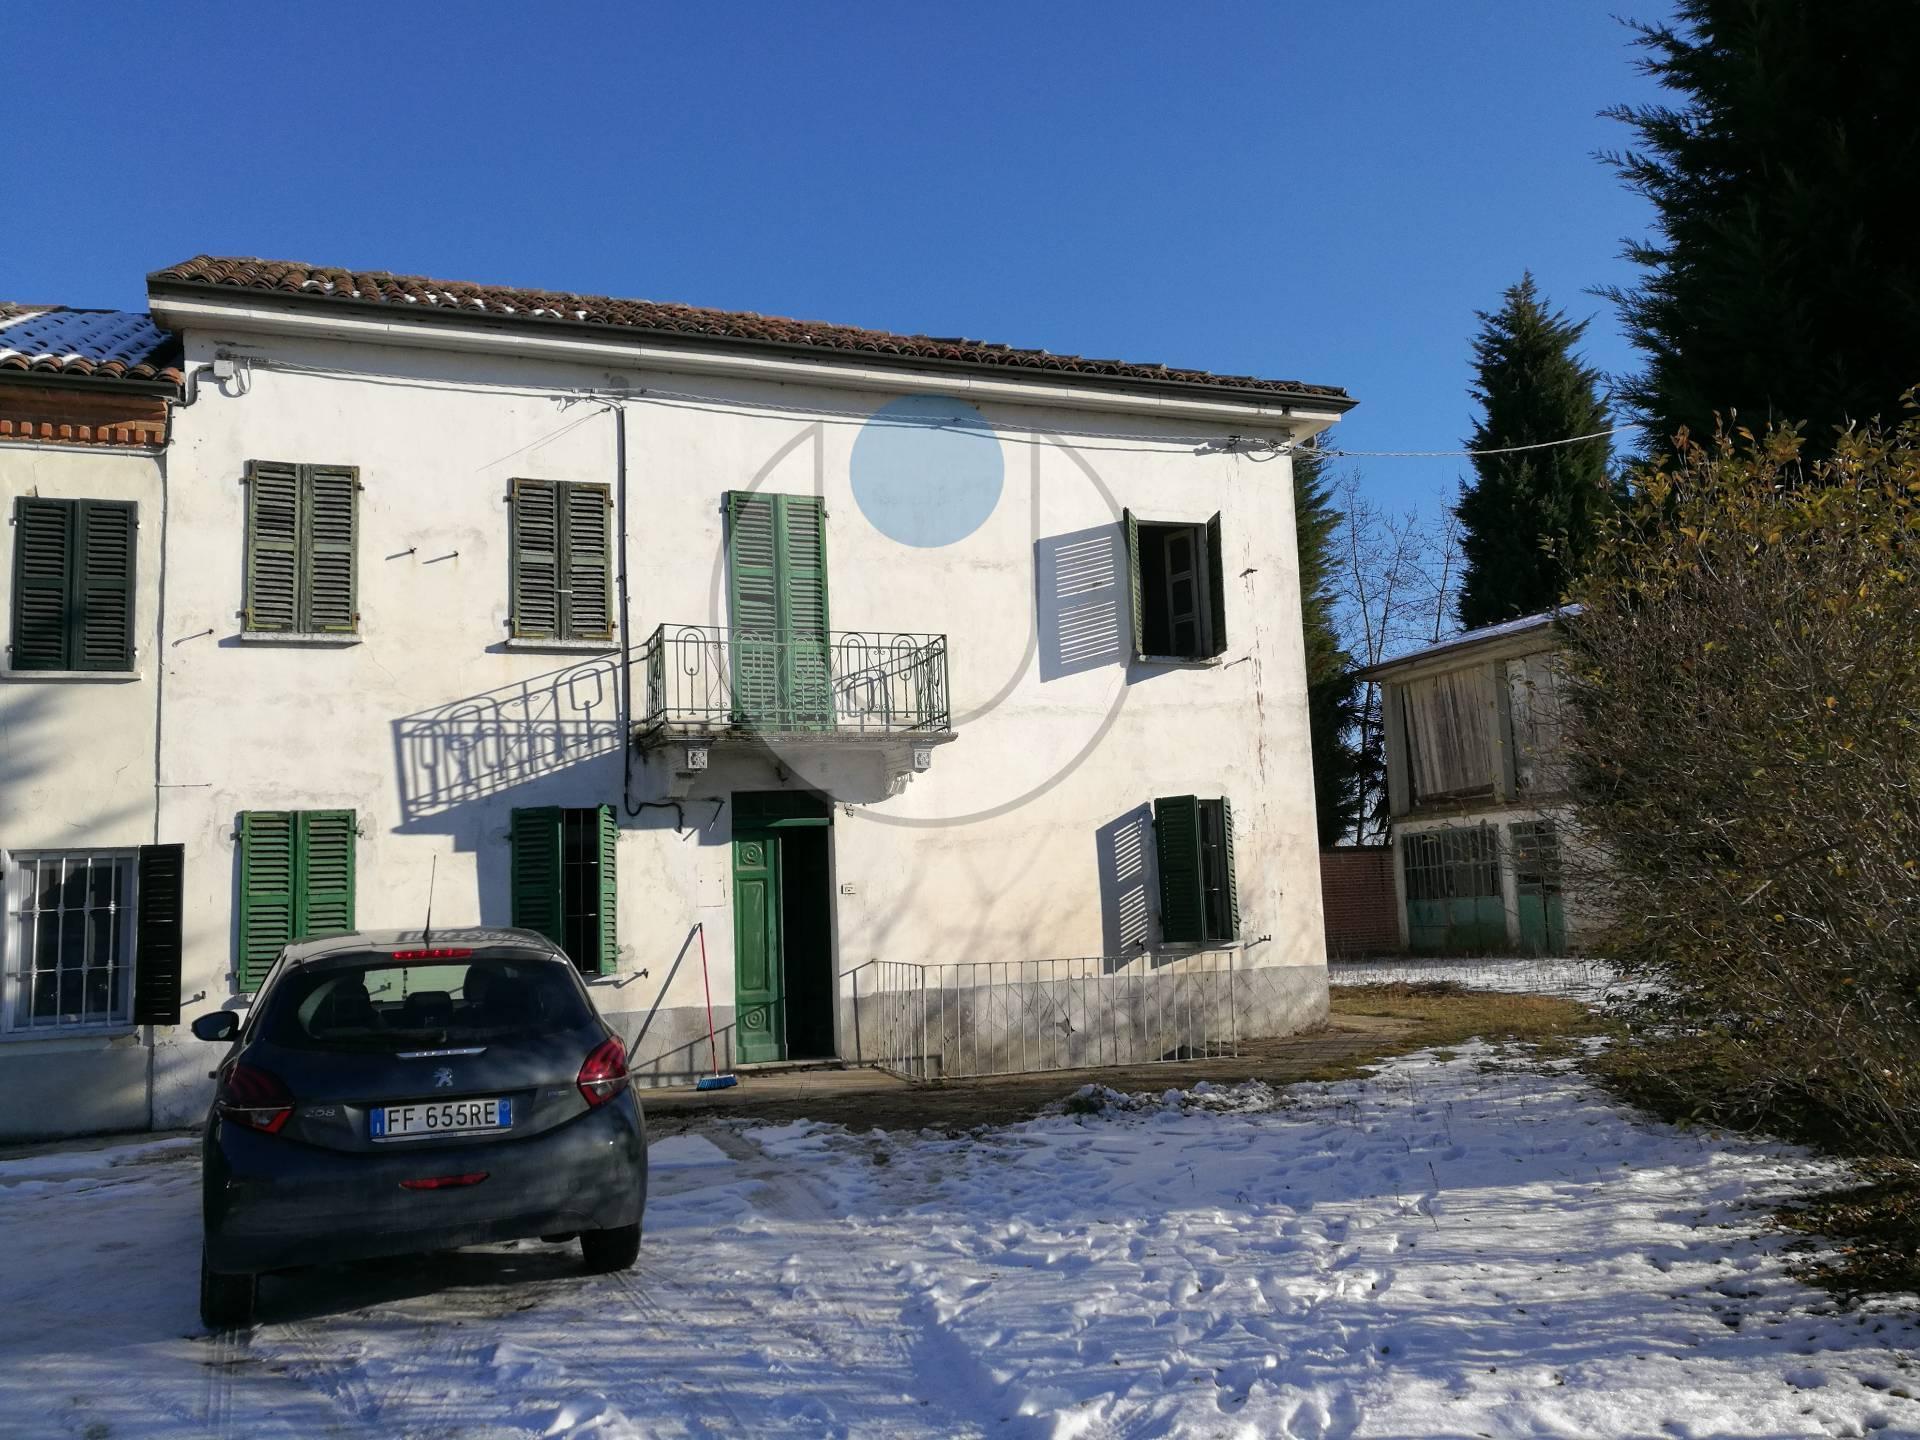 Portacomaro, Via Castellazzo